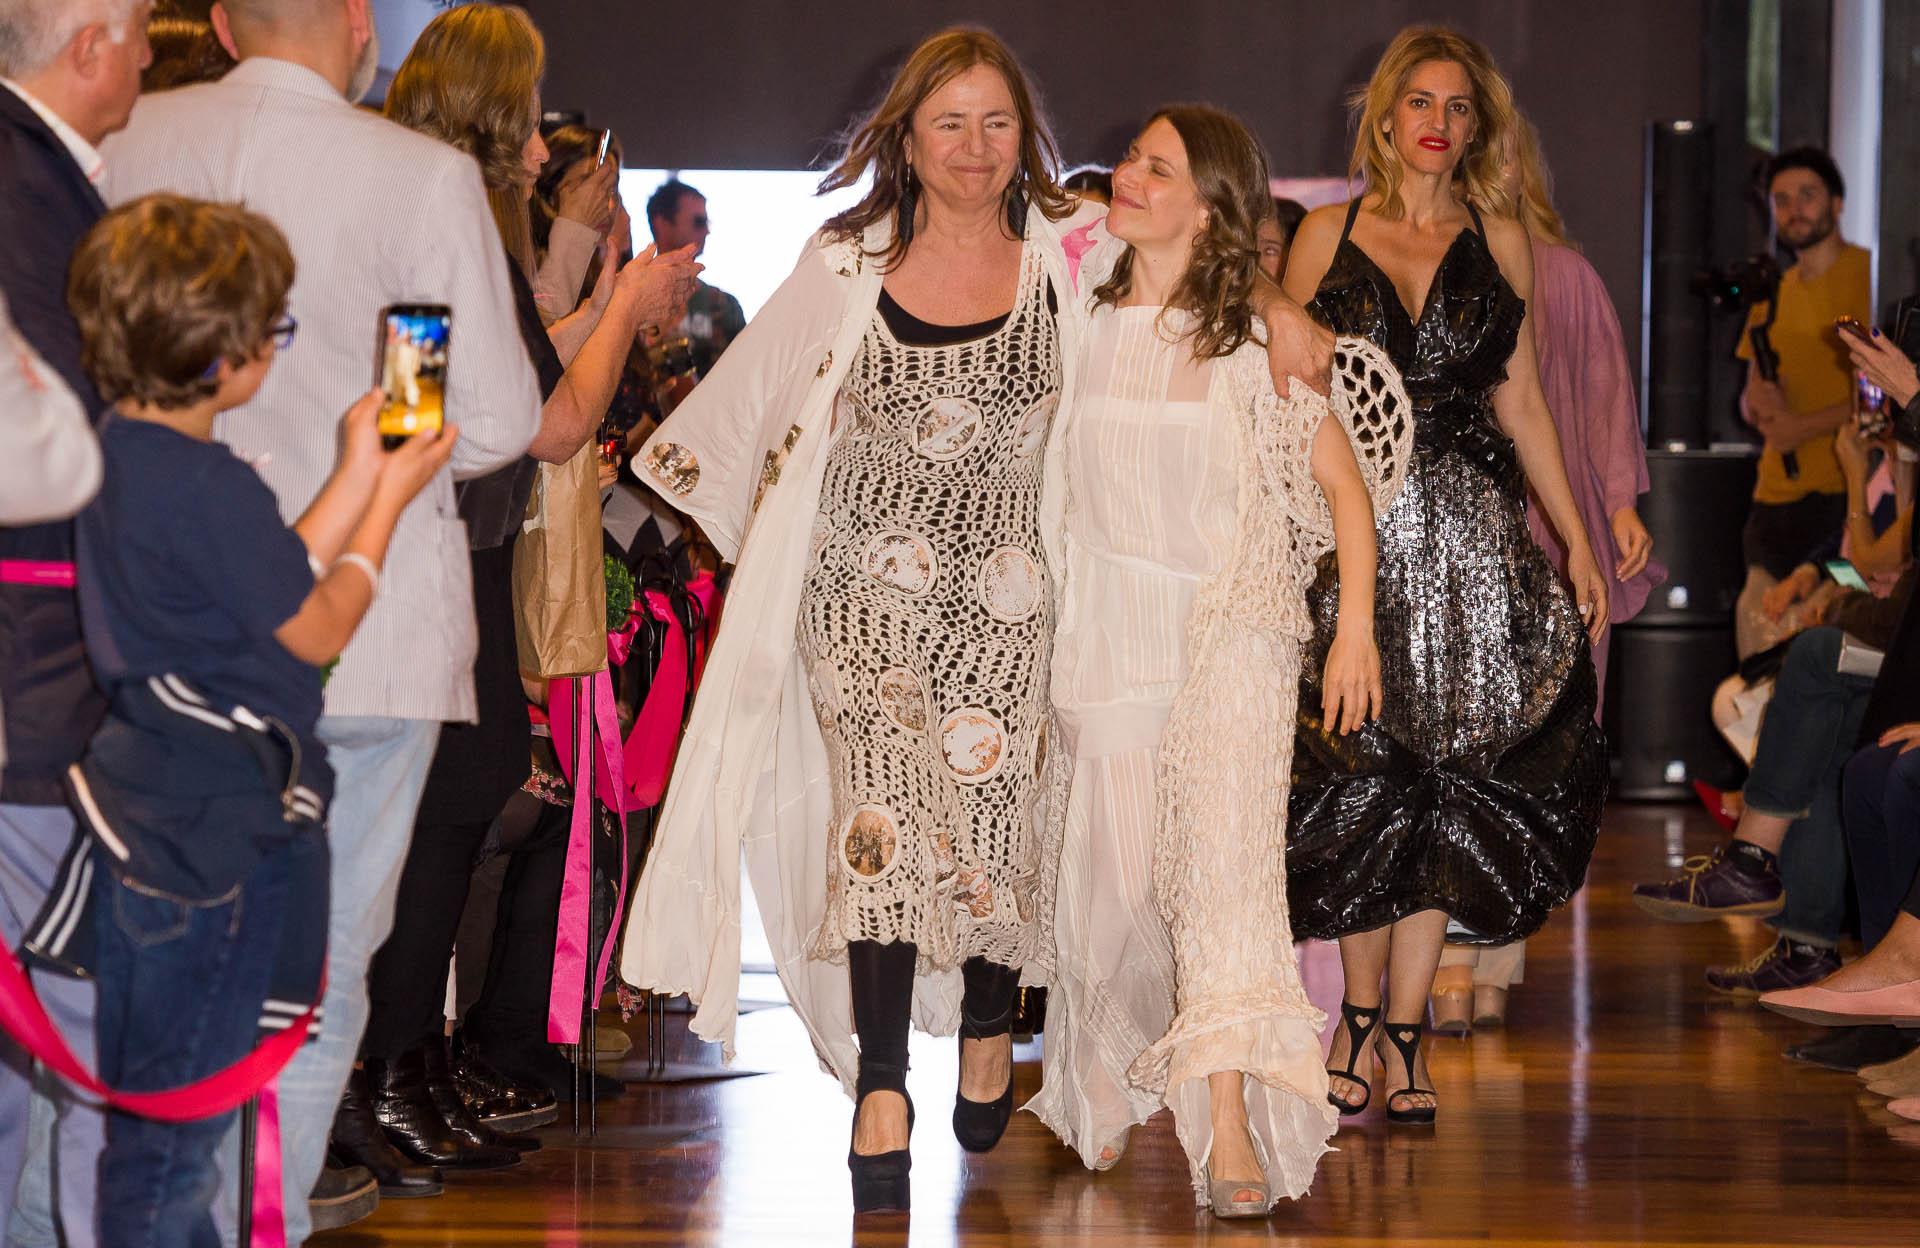 Elena Roger -gran referente de la moda sustentable que cuida el medio ambiente- fue la figura principal del desfile que se llevó a cabo a beneficio de la Liga Argentina de Lucha contra el Cáncer (LALCEC). En la foto, la actriz y cantante camina junto a la presidente de la Asociación Moda Sostenible Argentina, Alejandra Gougy